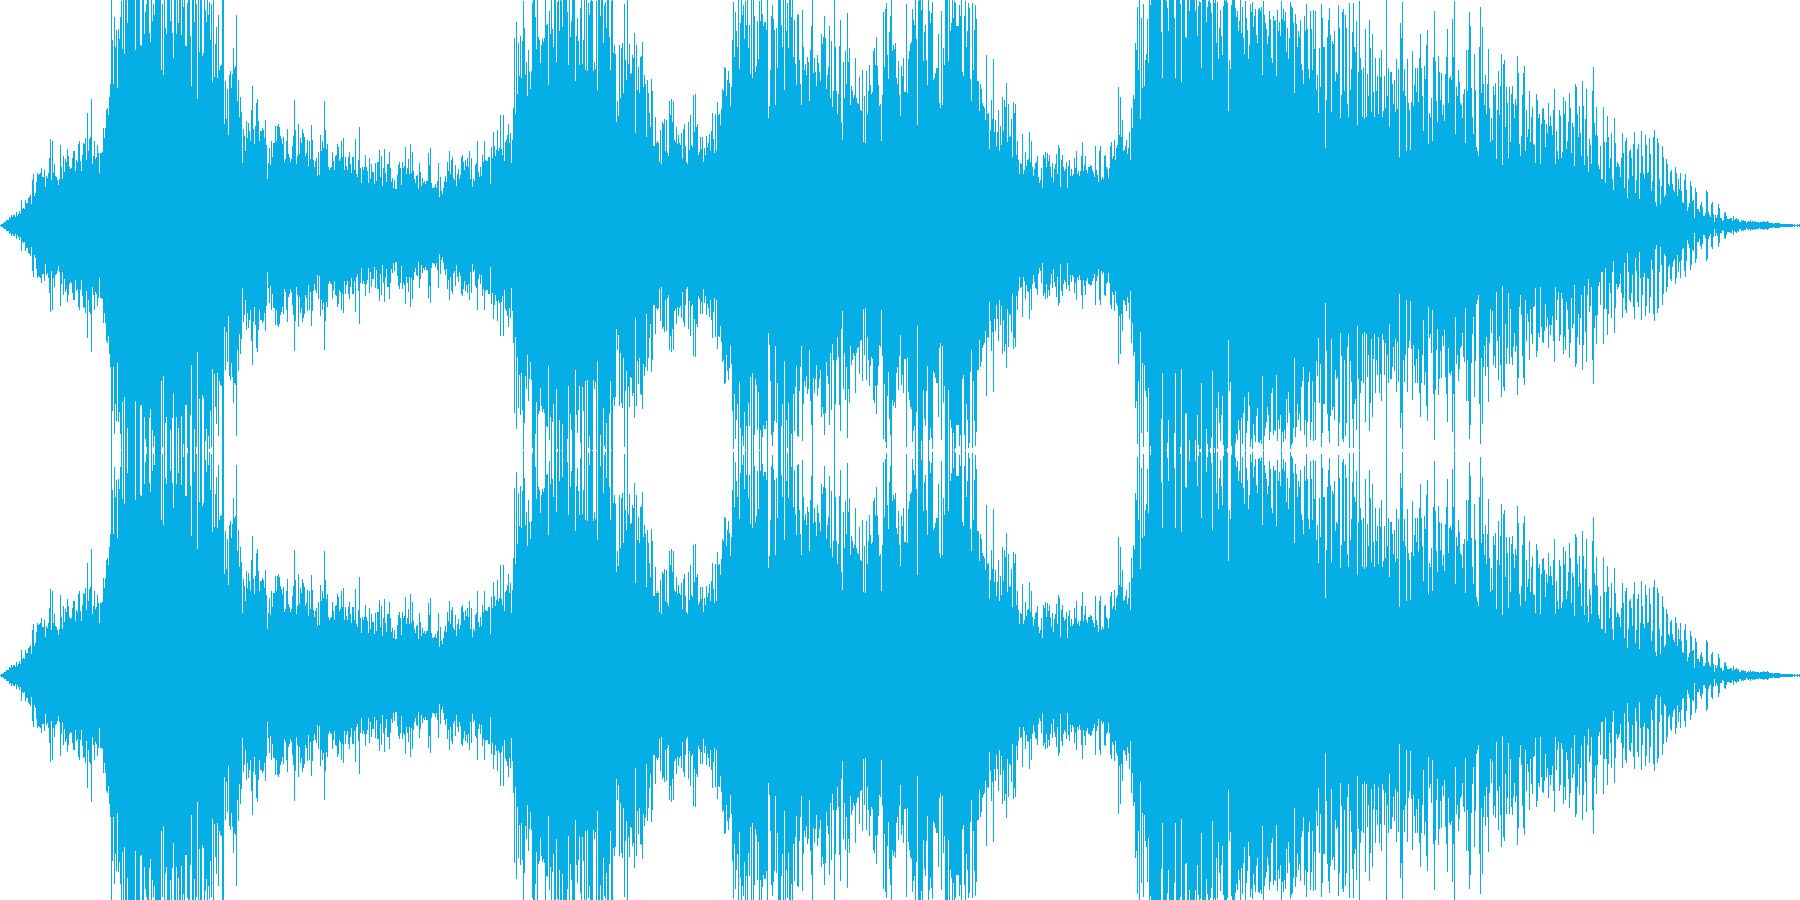 さっさよいやっさー!(男女)和風掛け声の再生済みの波形